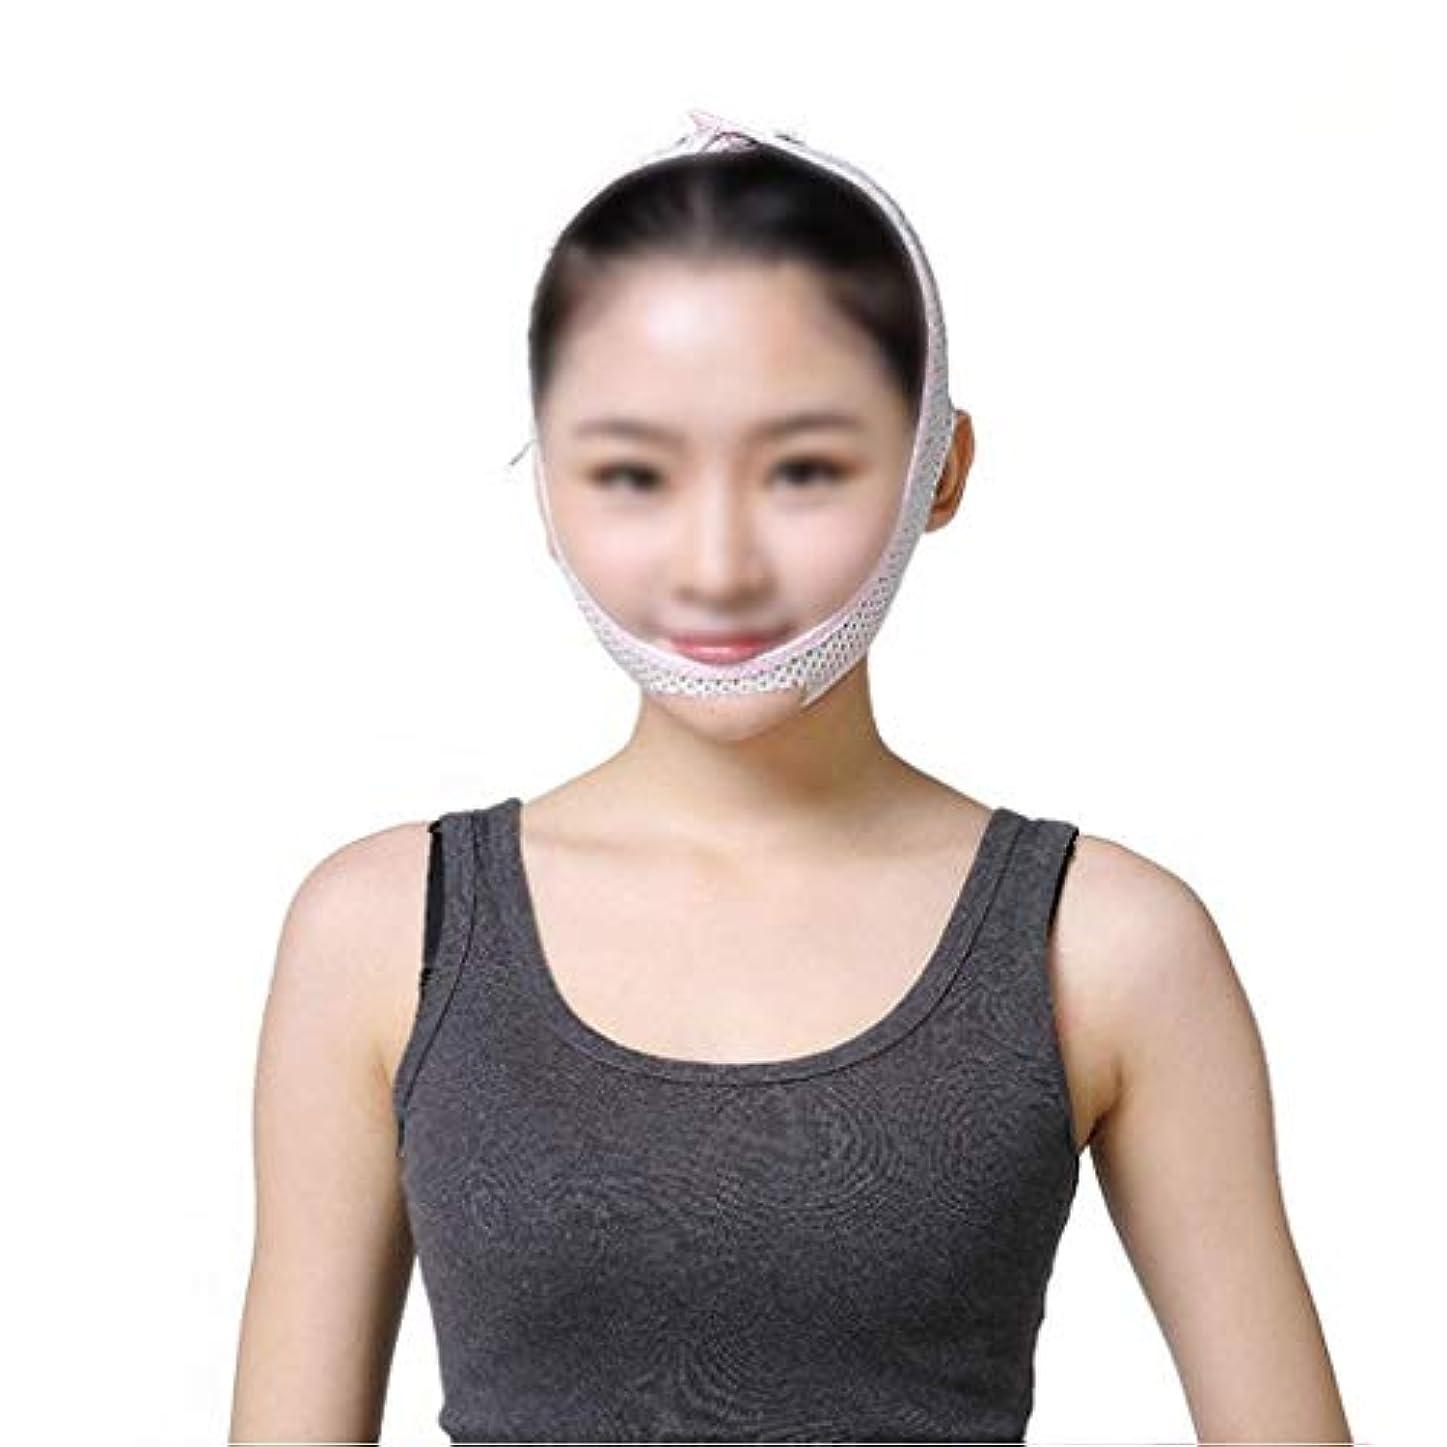 驚きかる内訳フェイスリフティングマスク、快適で リフティングスキンファーミングスリープシンフェイスアーティファクトアンチリンクル/リムーブダブルチン/術後回復マスク(サイズ:M)